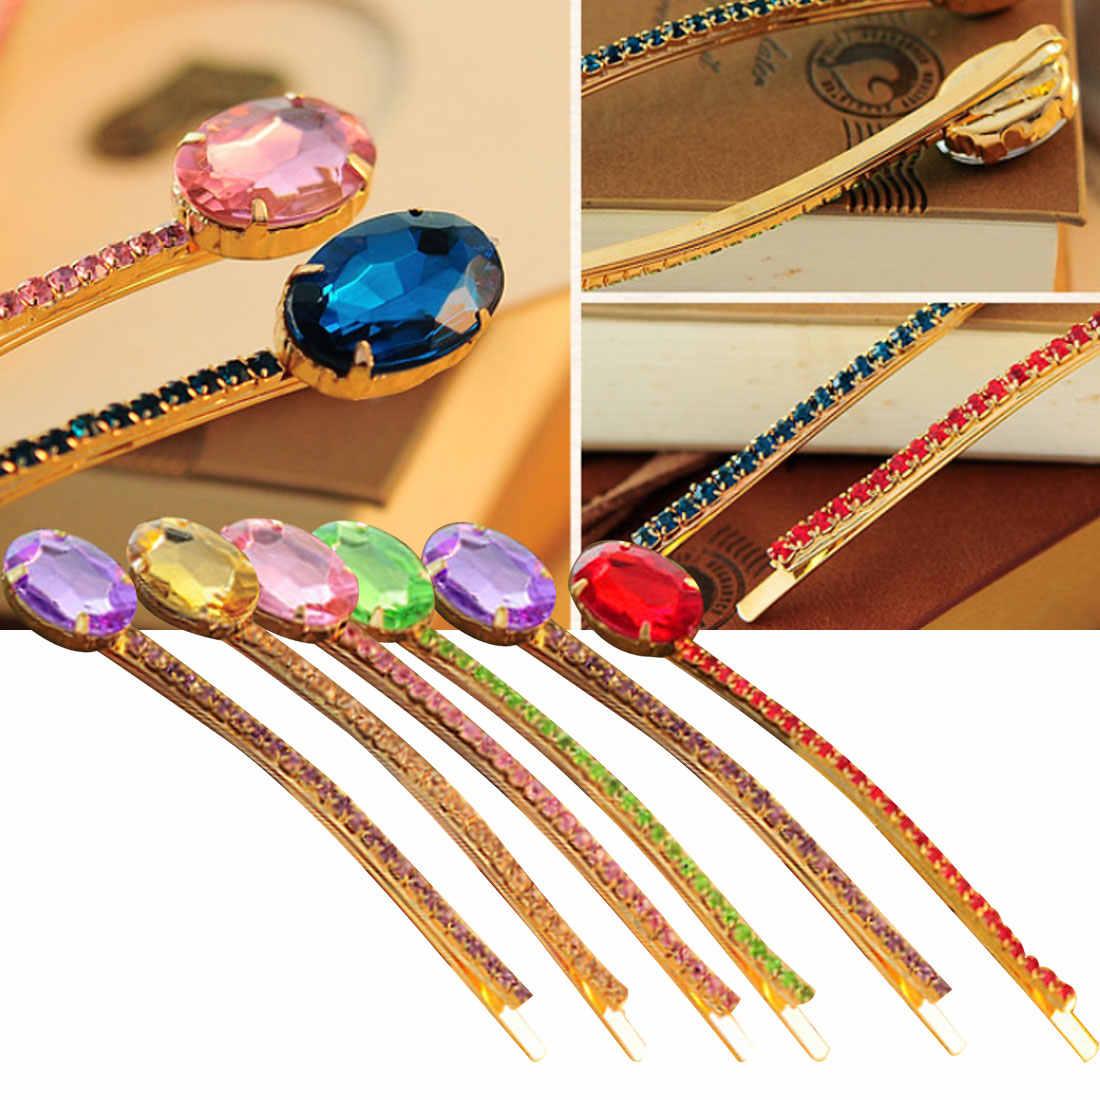 Meninas Headwear Strass Presilhas de cabelo para Headbands Grampos de cabelo Meninas Acessórios Para o Cabelo Cor de Ágata de Cristal Do Sexo Feminino Mulheres Hairclips